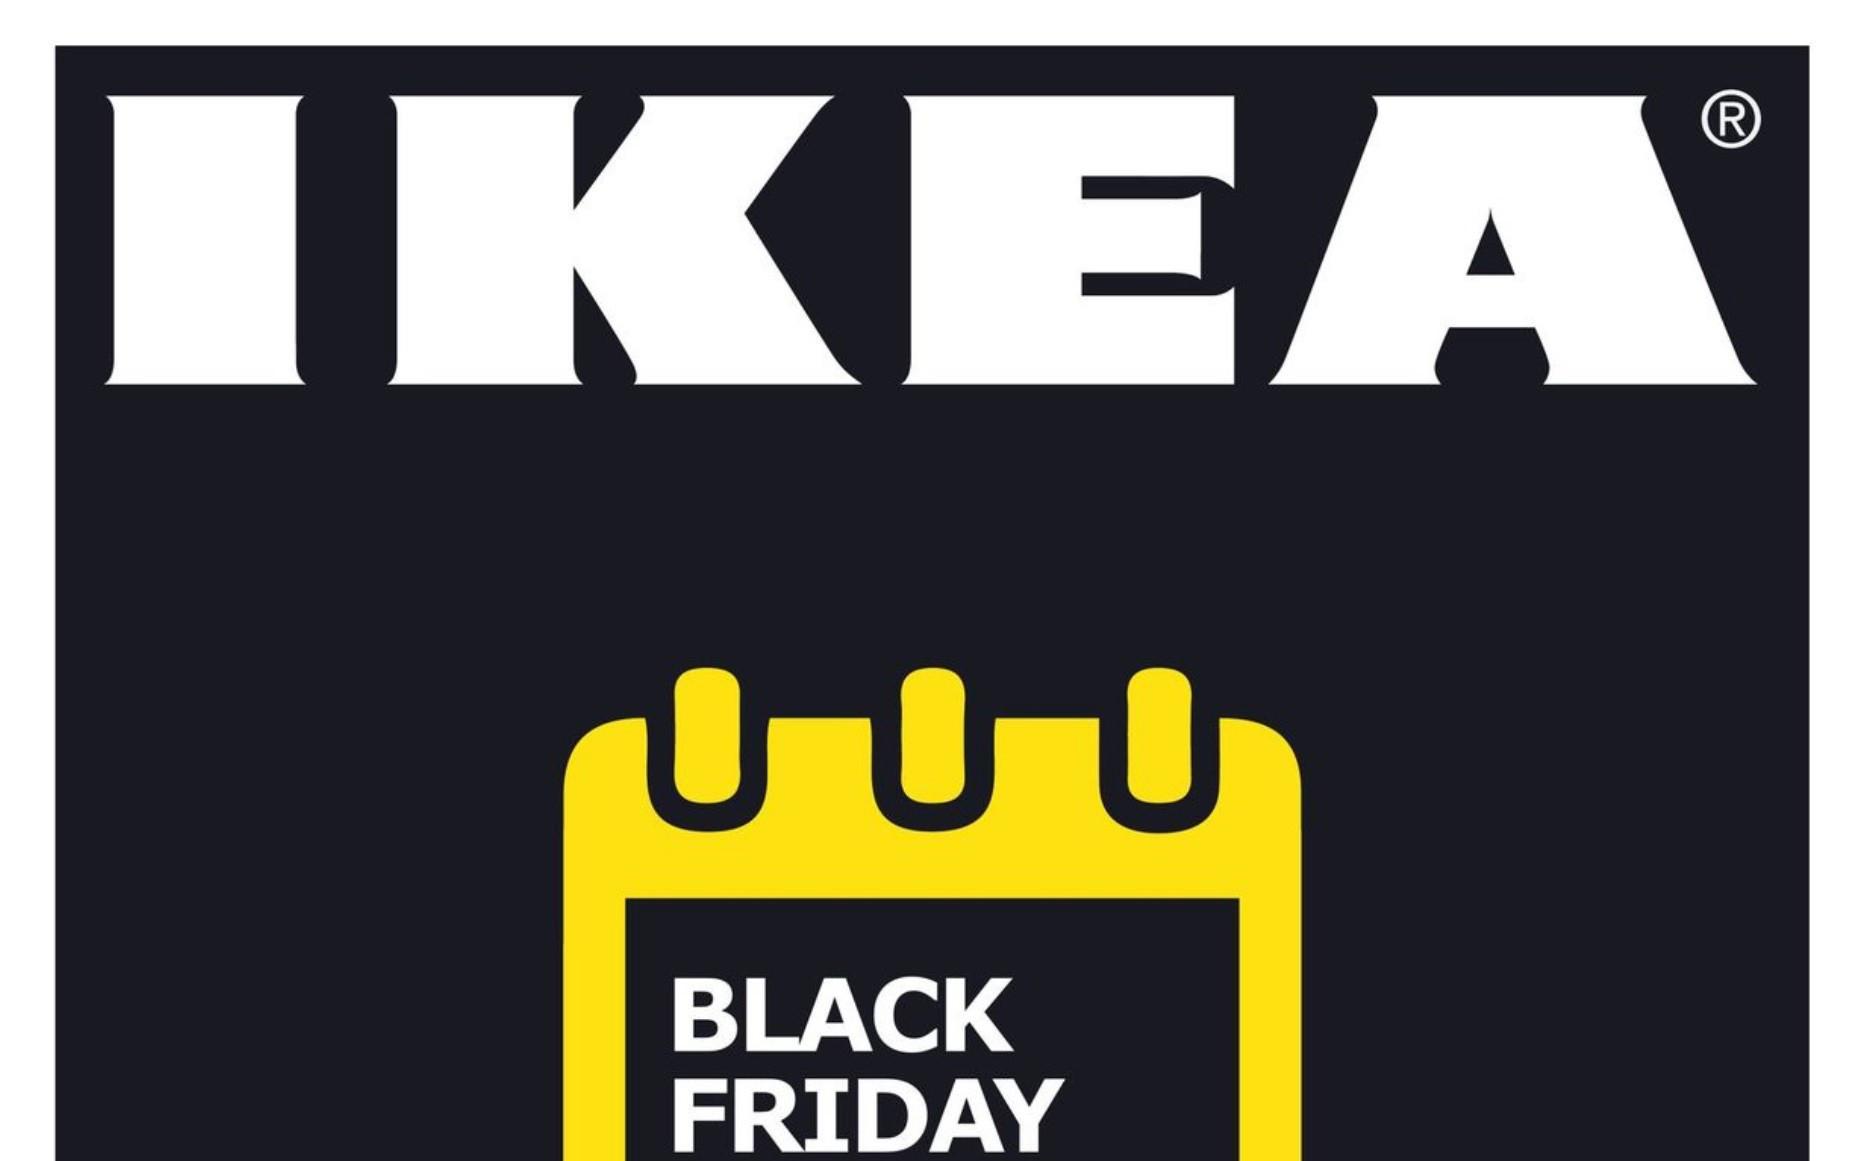 übersicht Mit Allen Ikea Angeboten Zum Black Friday 2019